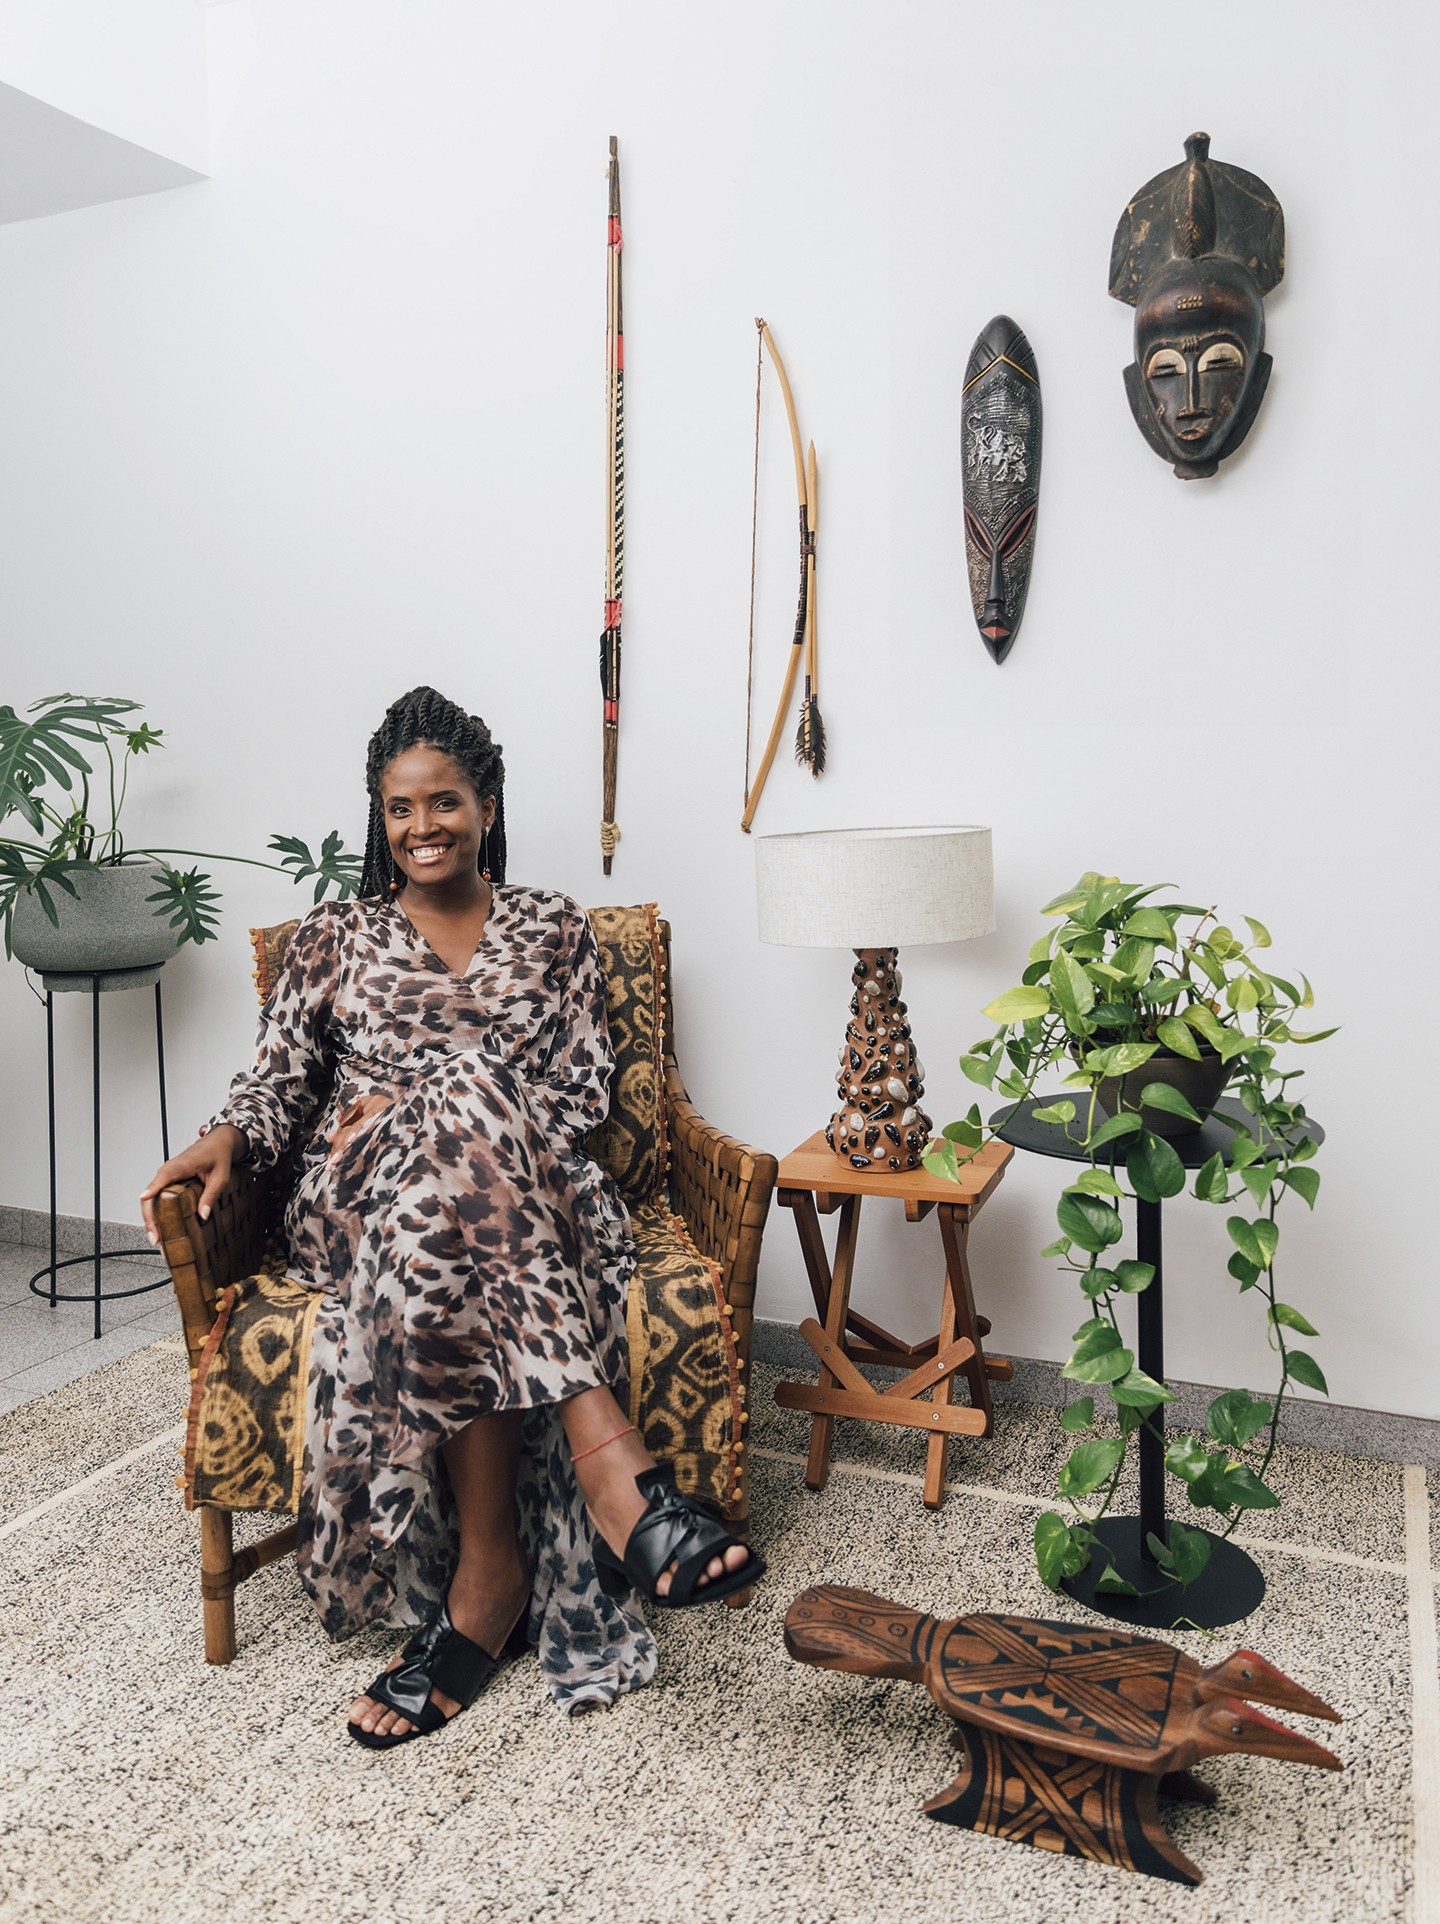 Identidade e história decoram apartamento da filósofa Djamila Ribeiro (Foto: Caroline Lima)